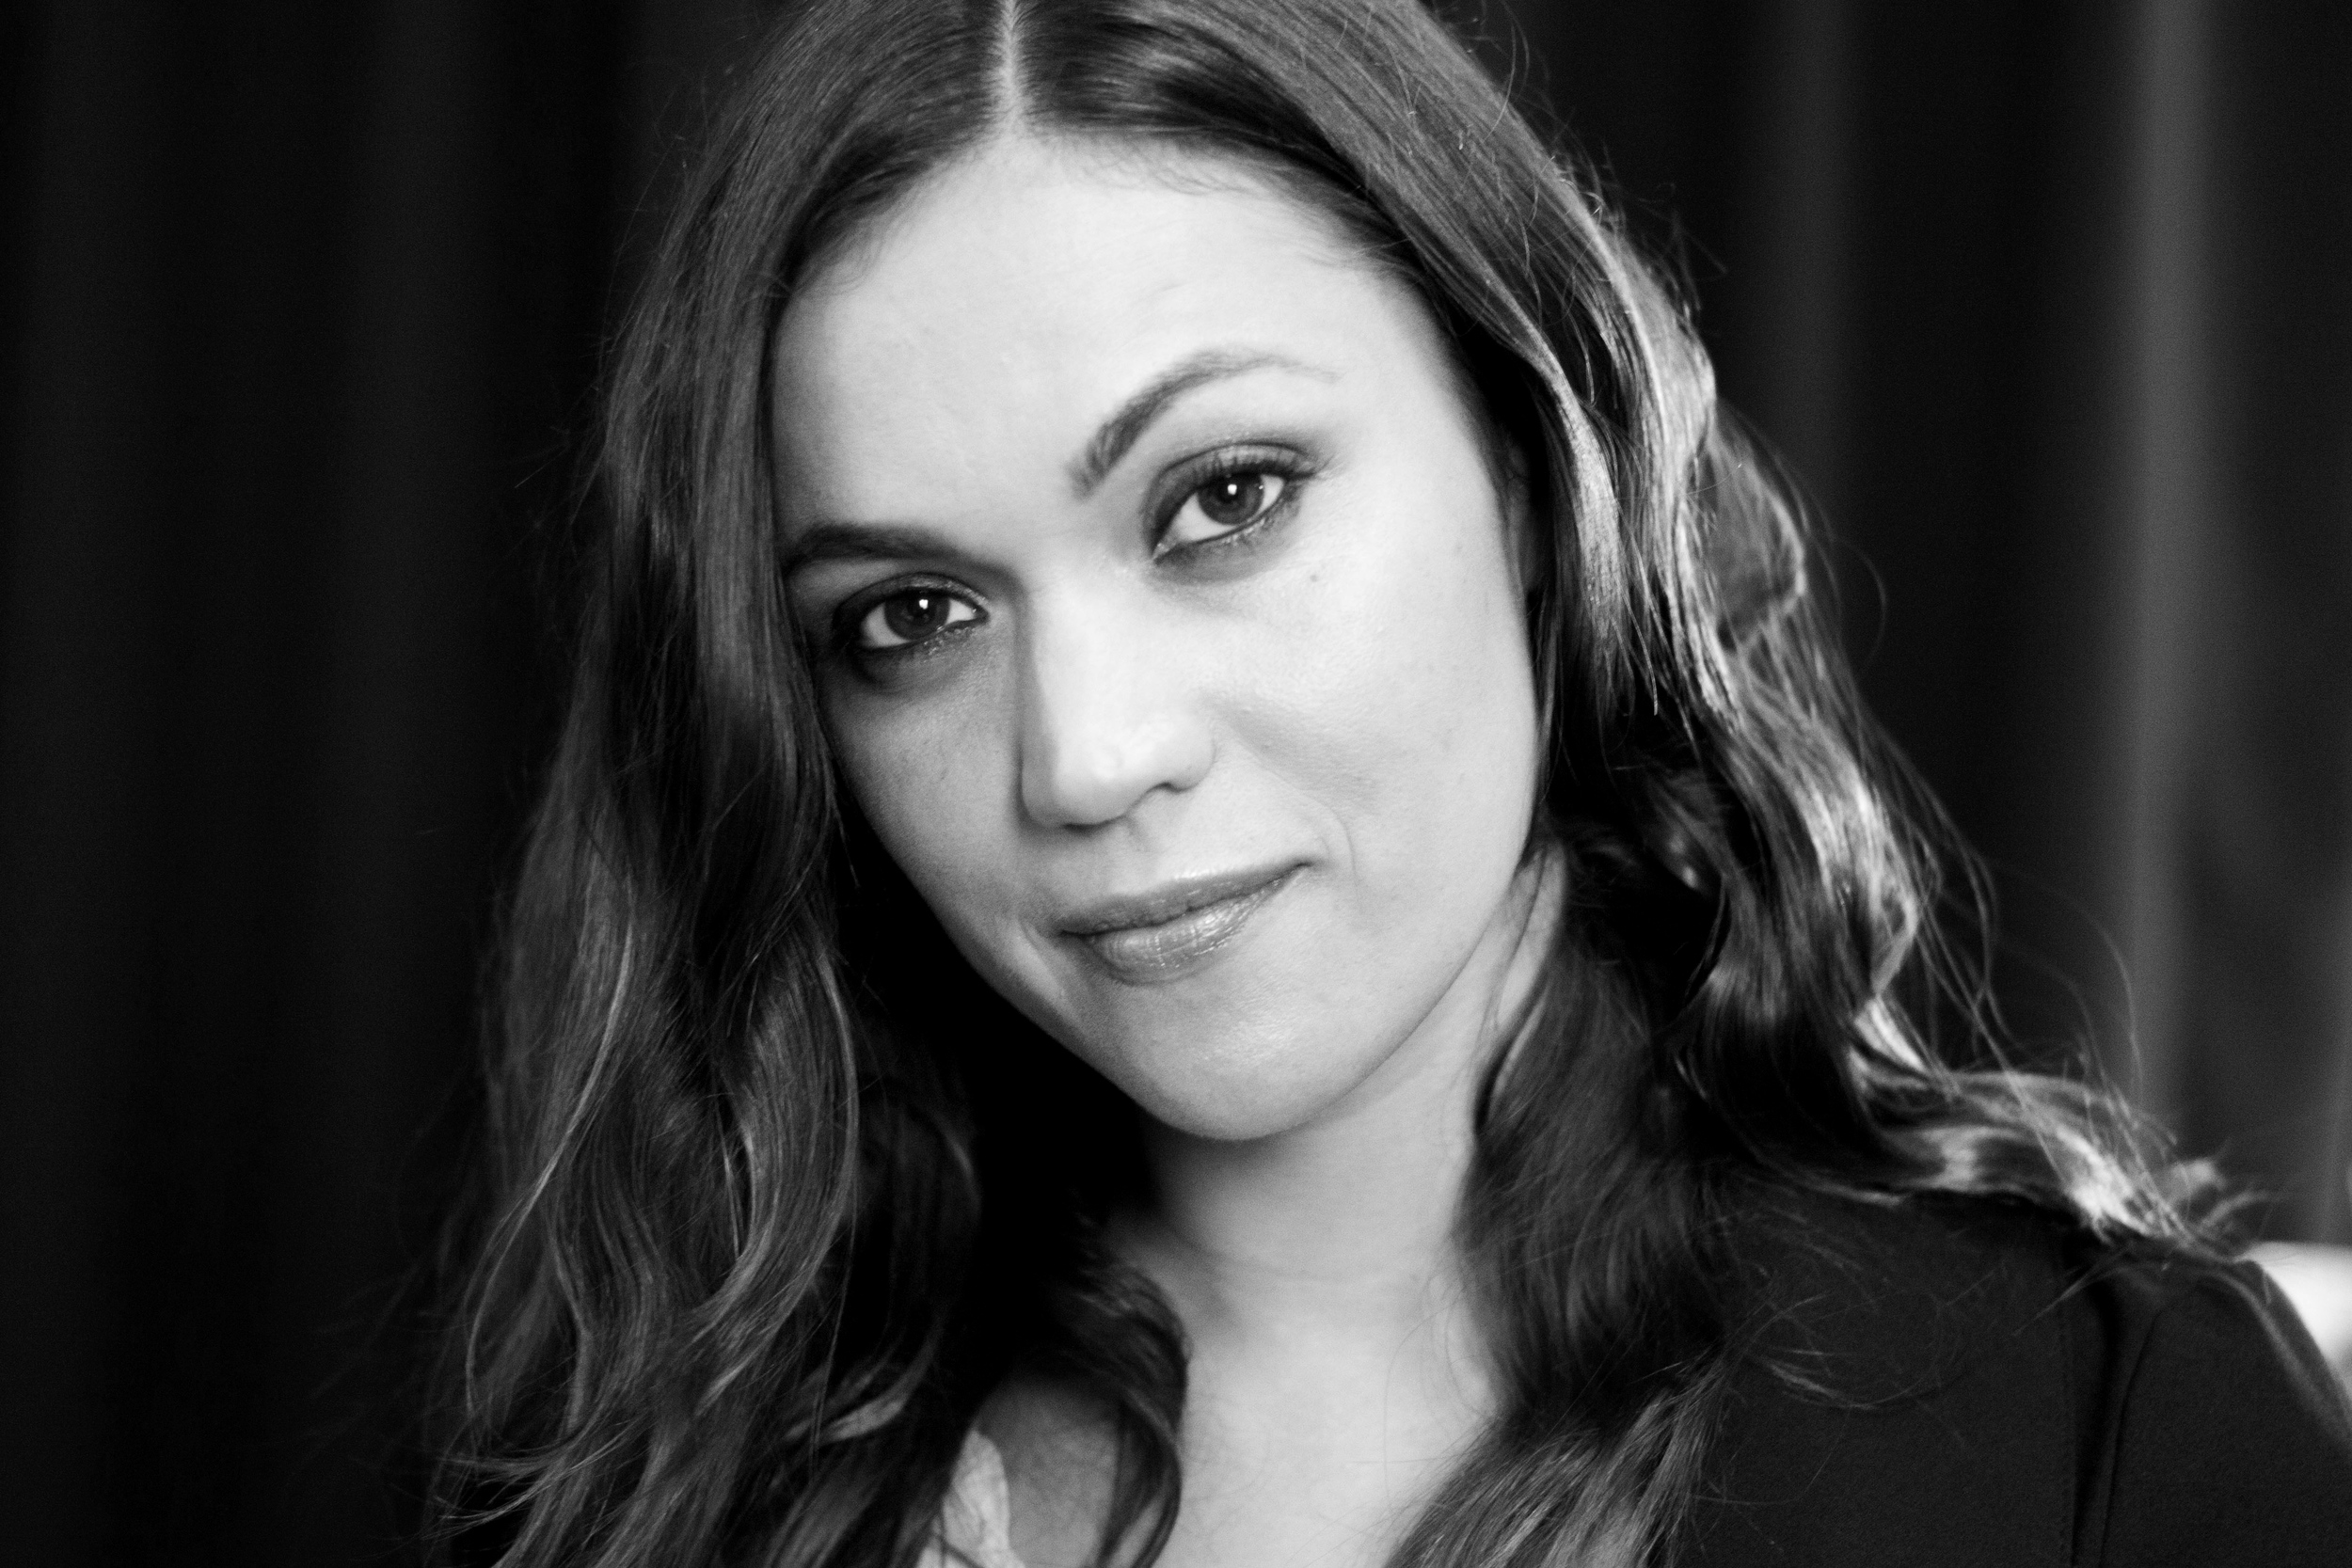 Alyssa Reece/Tanya Pankov